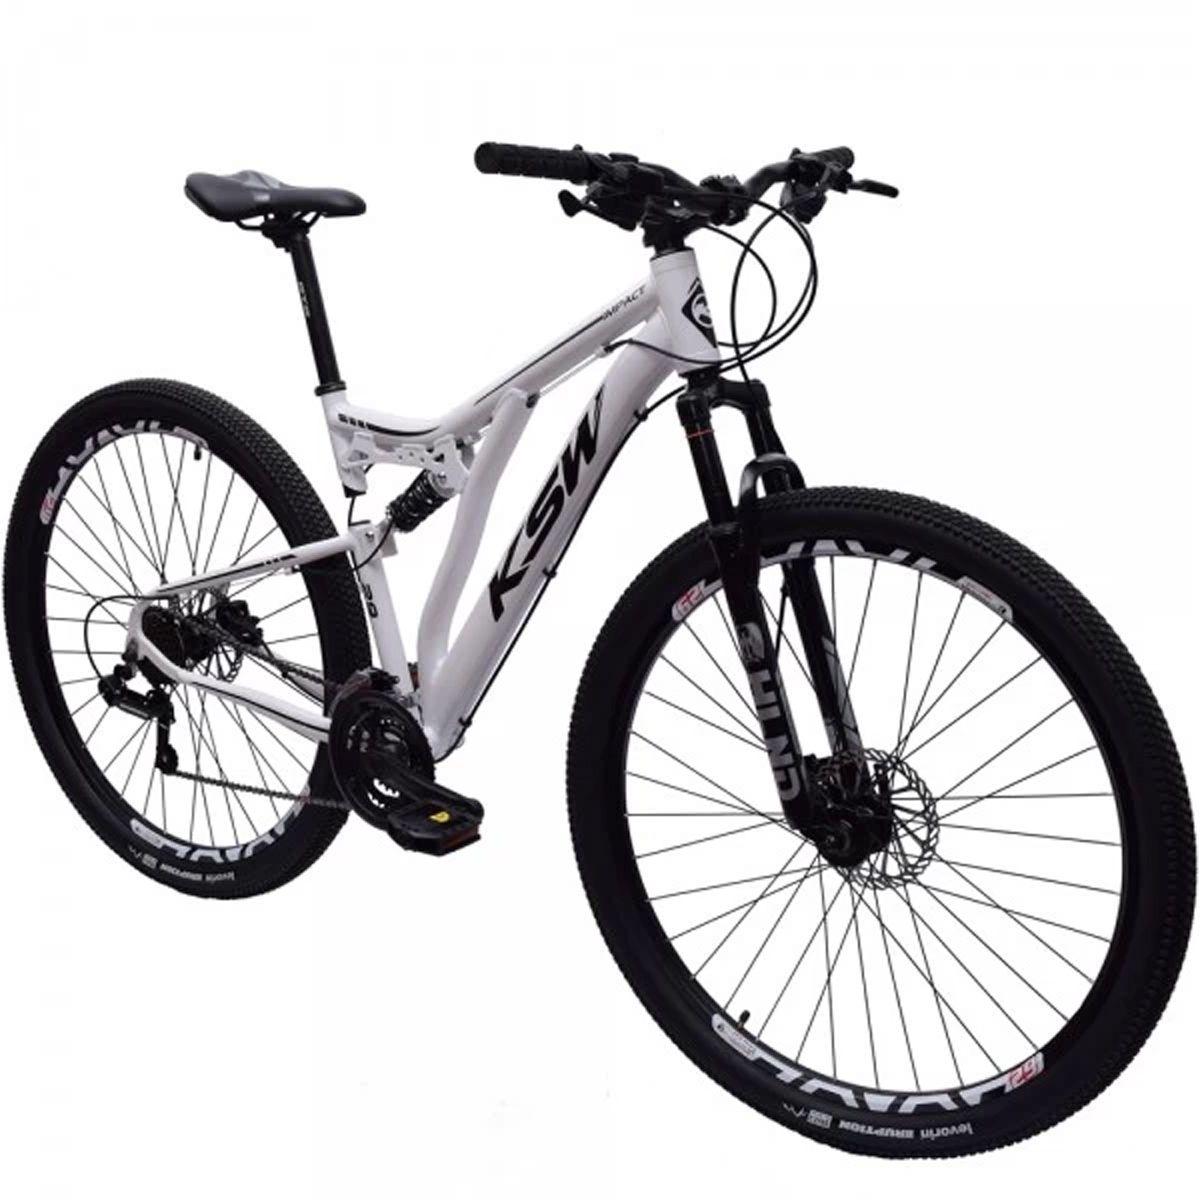 Bicicleta 29 Ksw Full 21v Shimano Freio Hidráulico 19 Branca